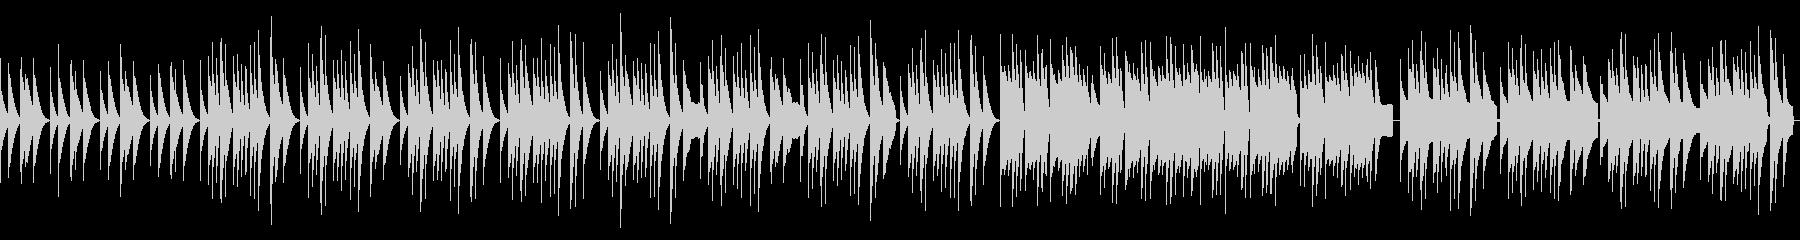 【リズム抜】木琴と鍵盤ハーモニカのほのぼの未再生の波形